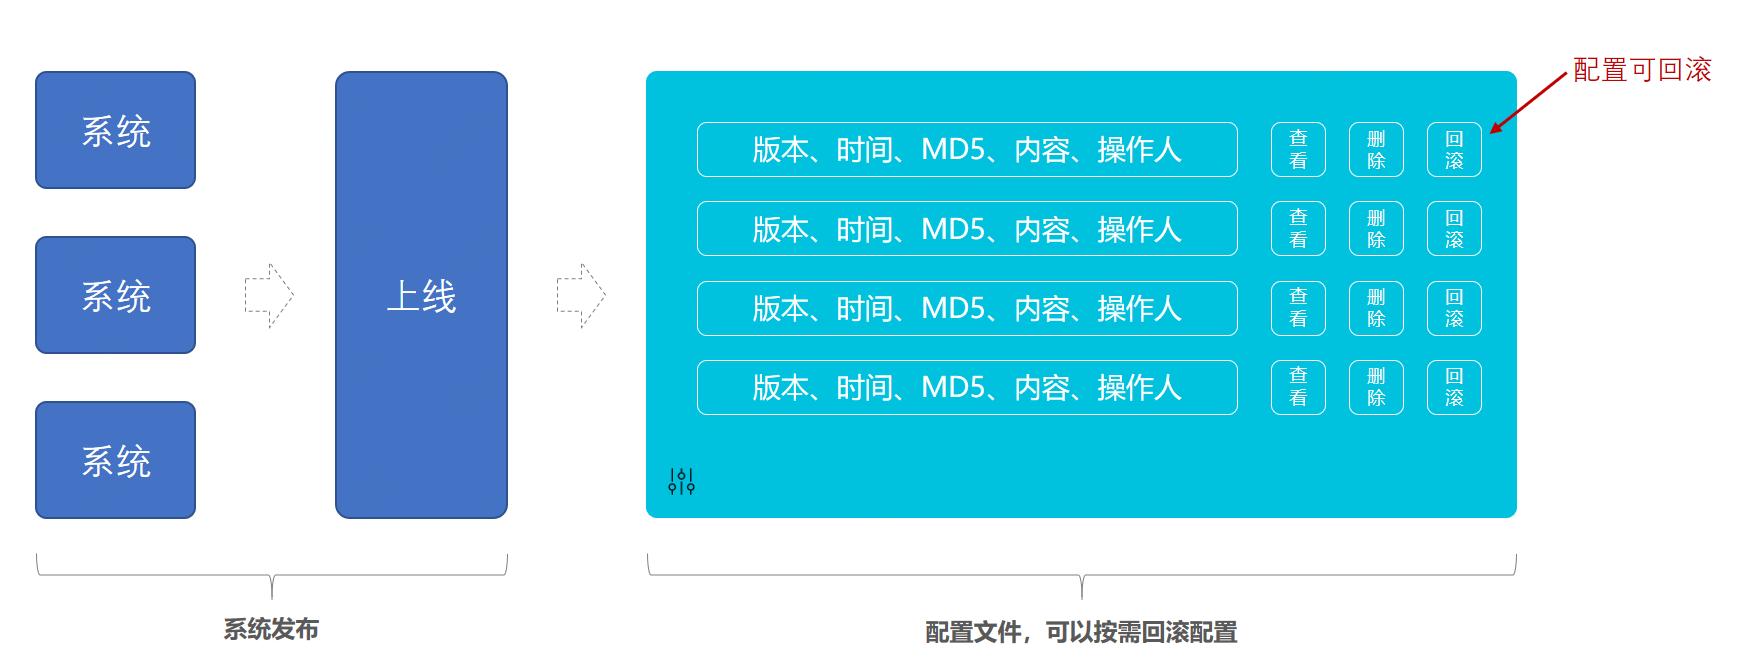 场景模拟;系统发布上线配置回滚